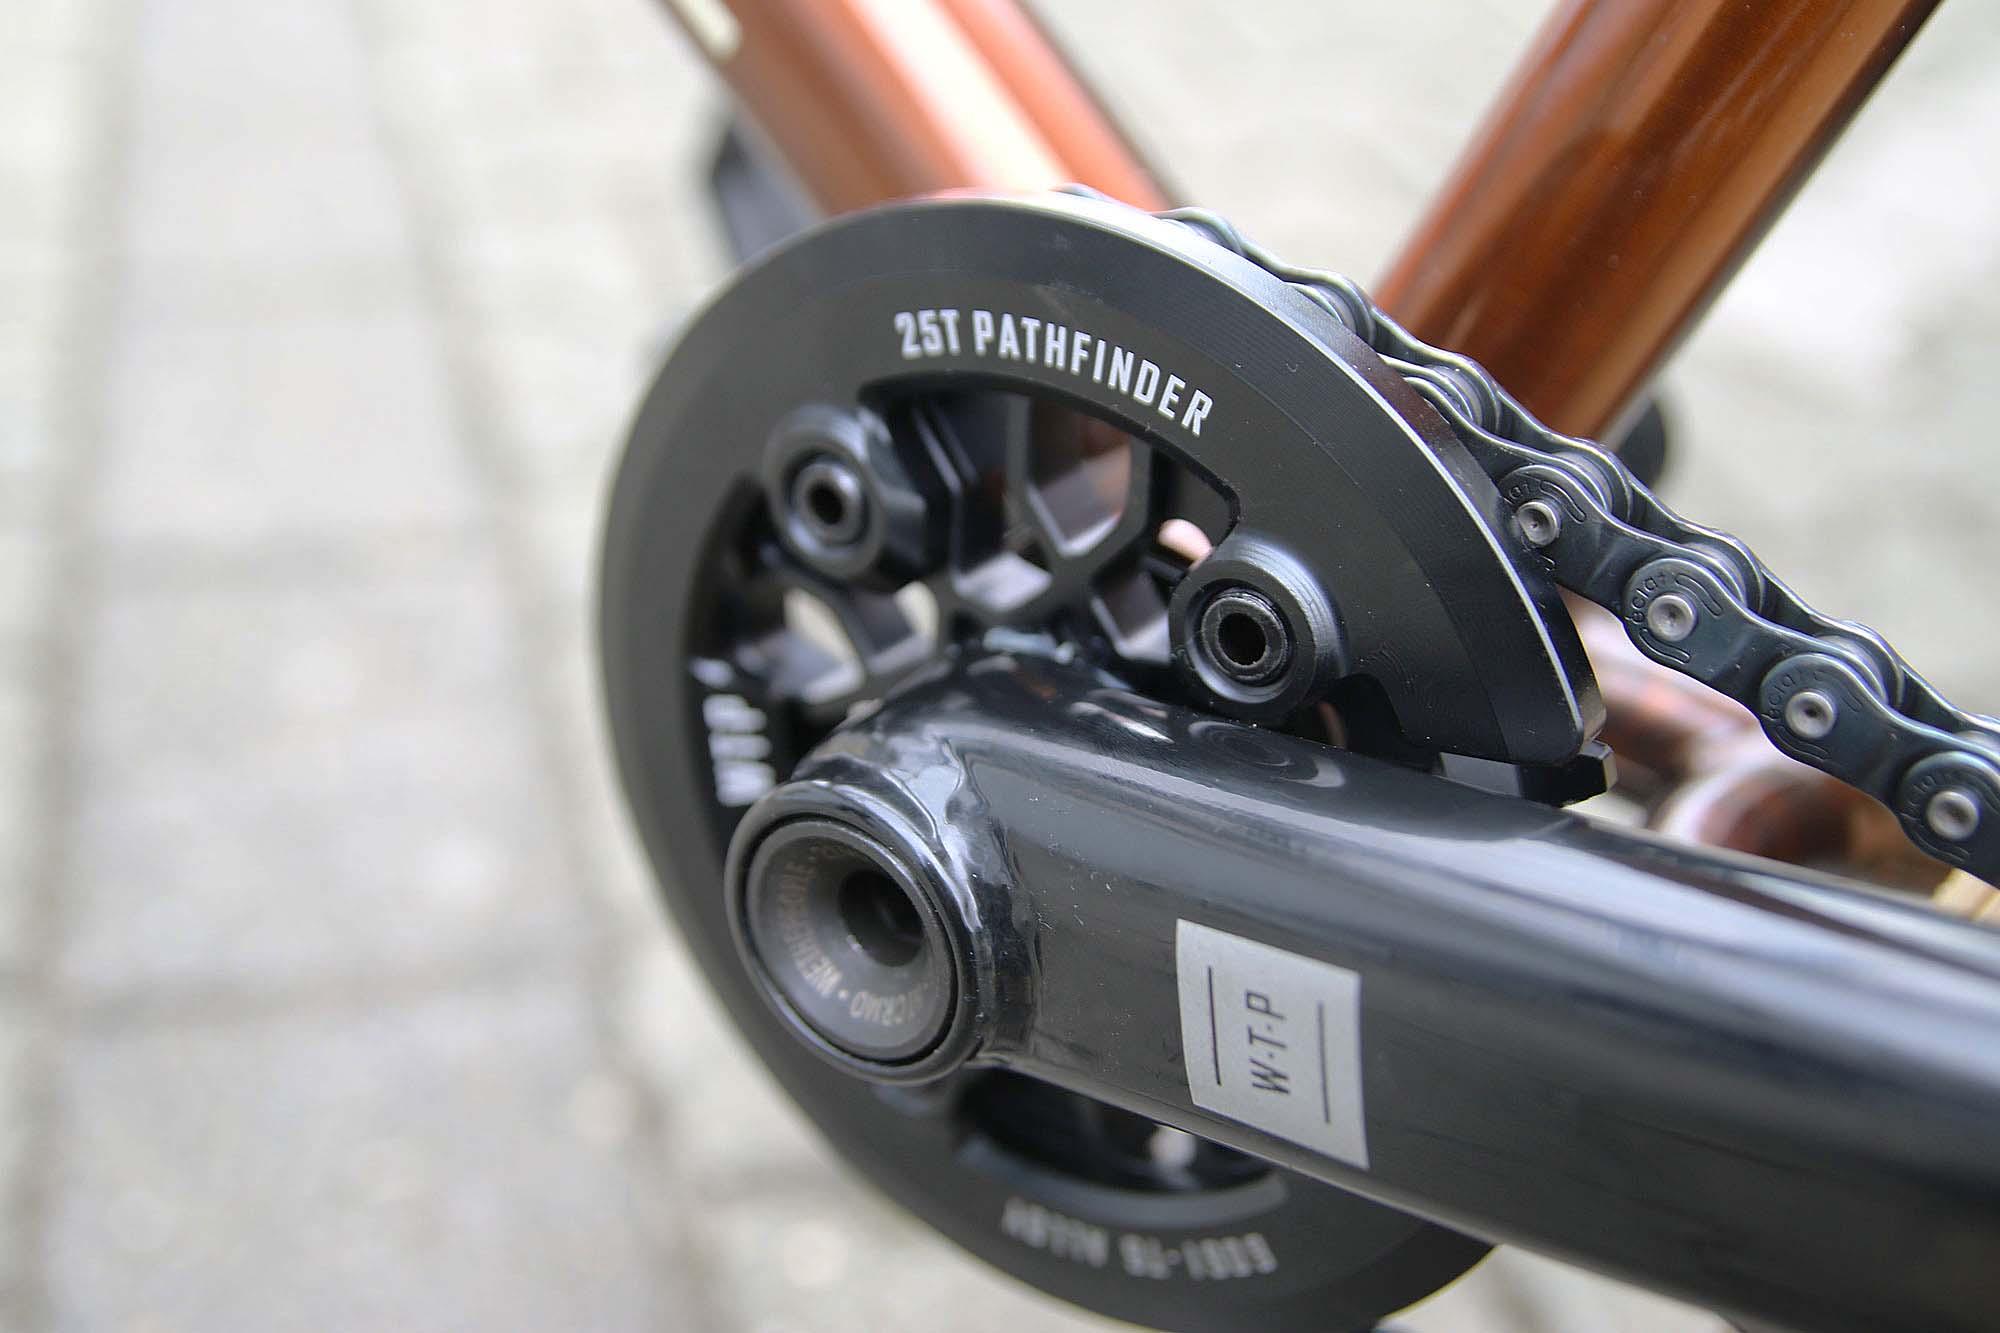 JK6A9833.jpg